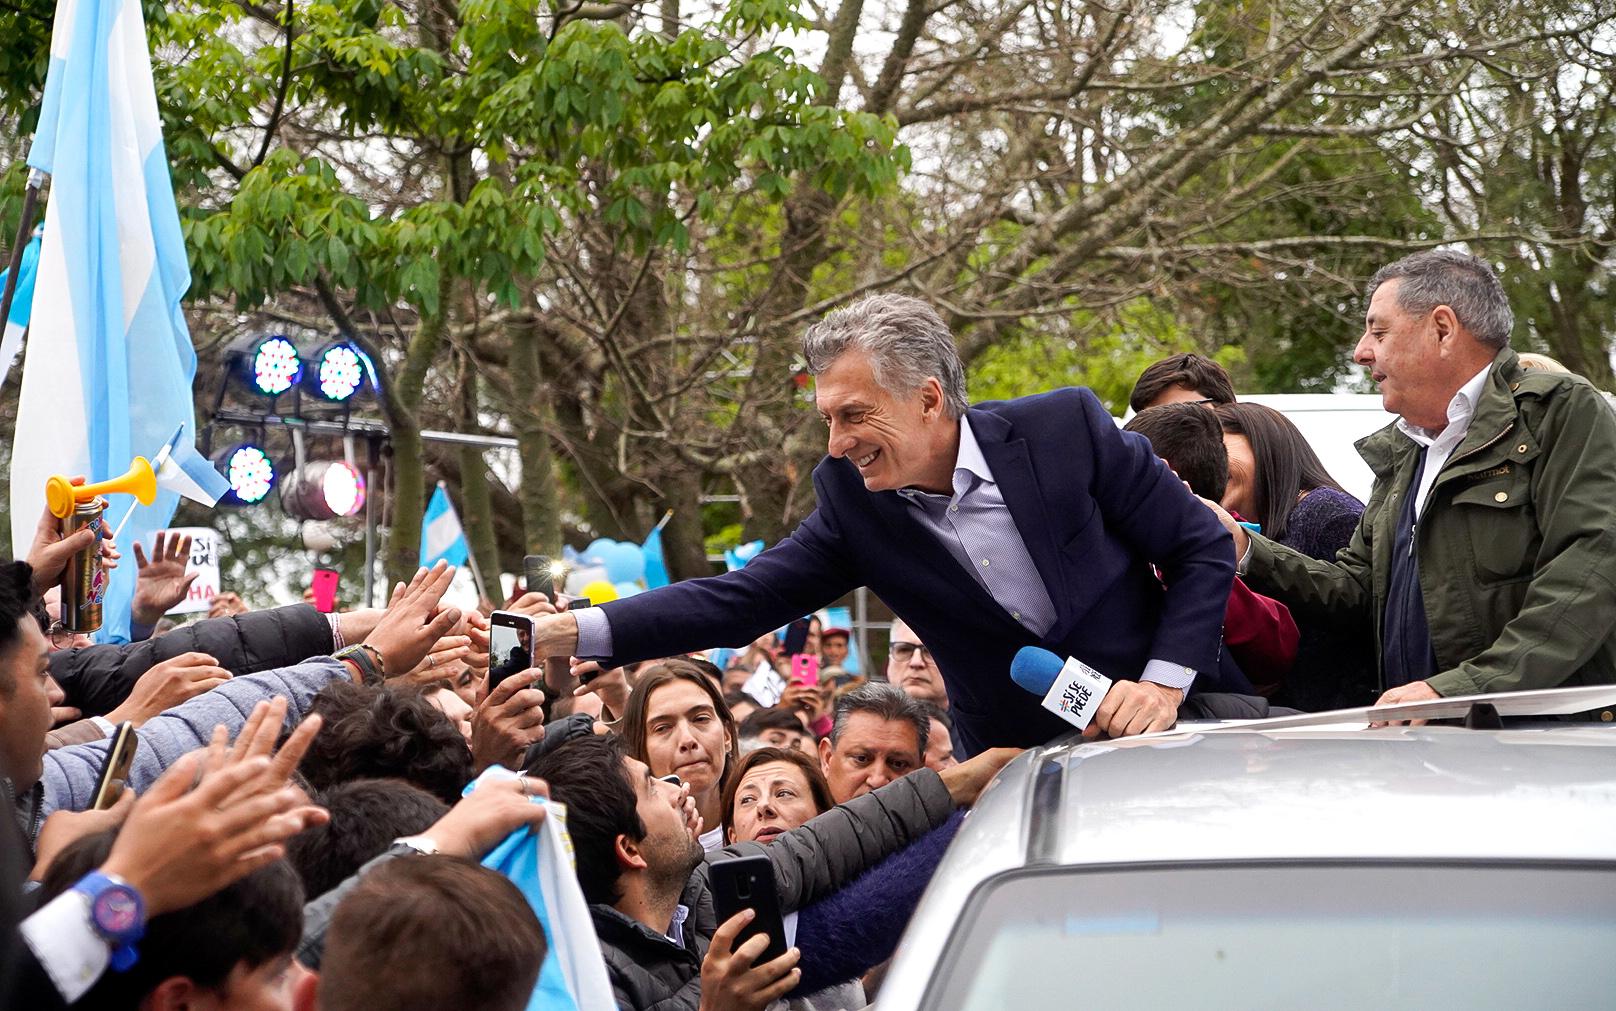 El Presidente Macri encabezó la marcha del Sí Se Puede en La Paz, Entre Ríos.